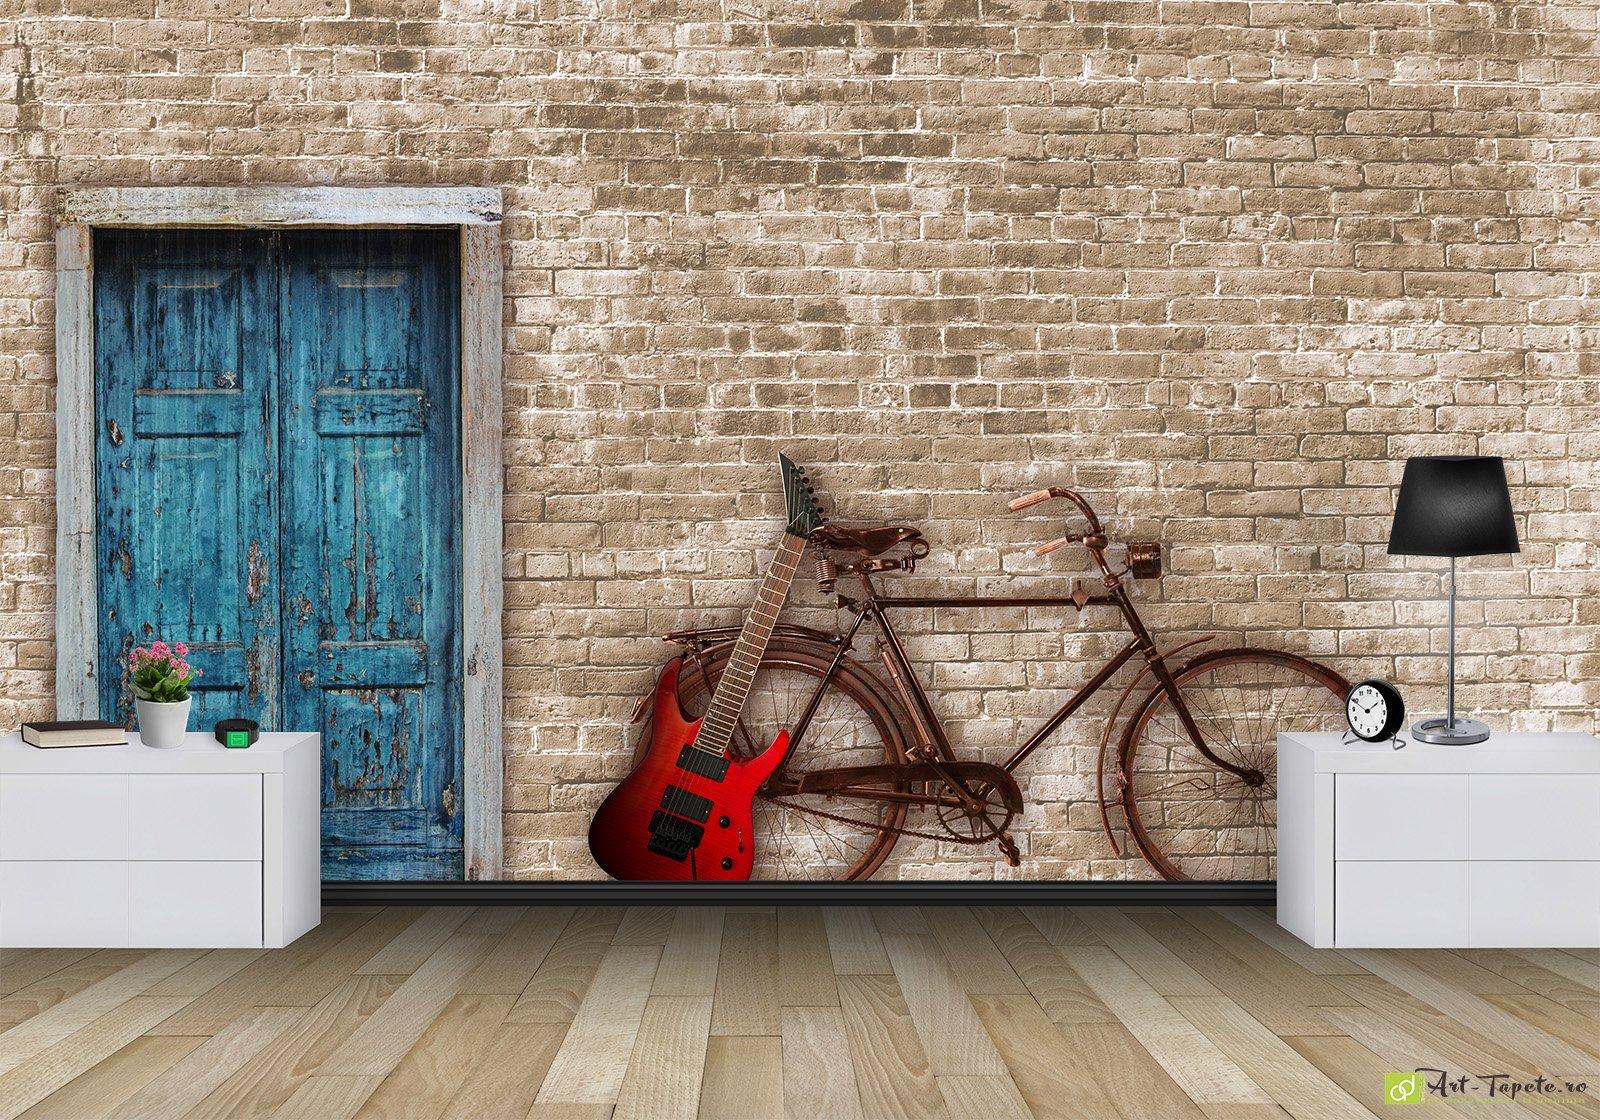 фотообои рисунок на кирпичной стене излом хвосте